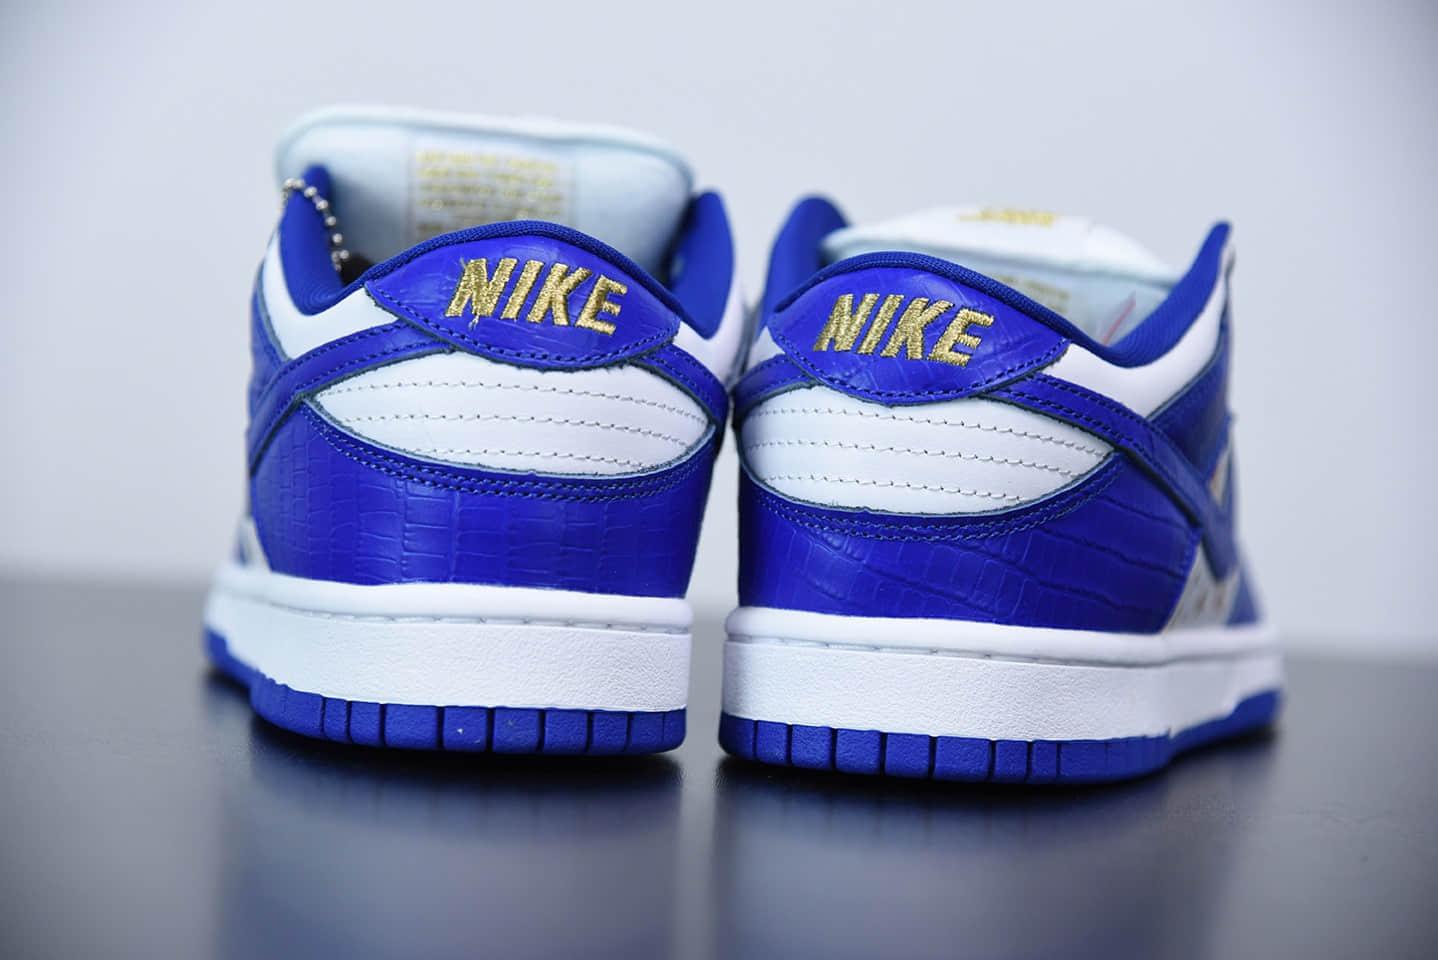 耐克Supreme x Nike SB Dunk Low Stars Royal Blue蓝色星星联名扣篮系列低帮休闲运动滑板板鞋纯原版本 货号:DH3228-100